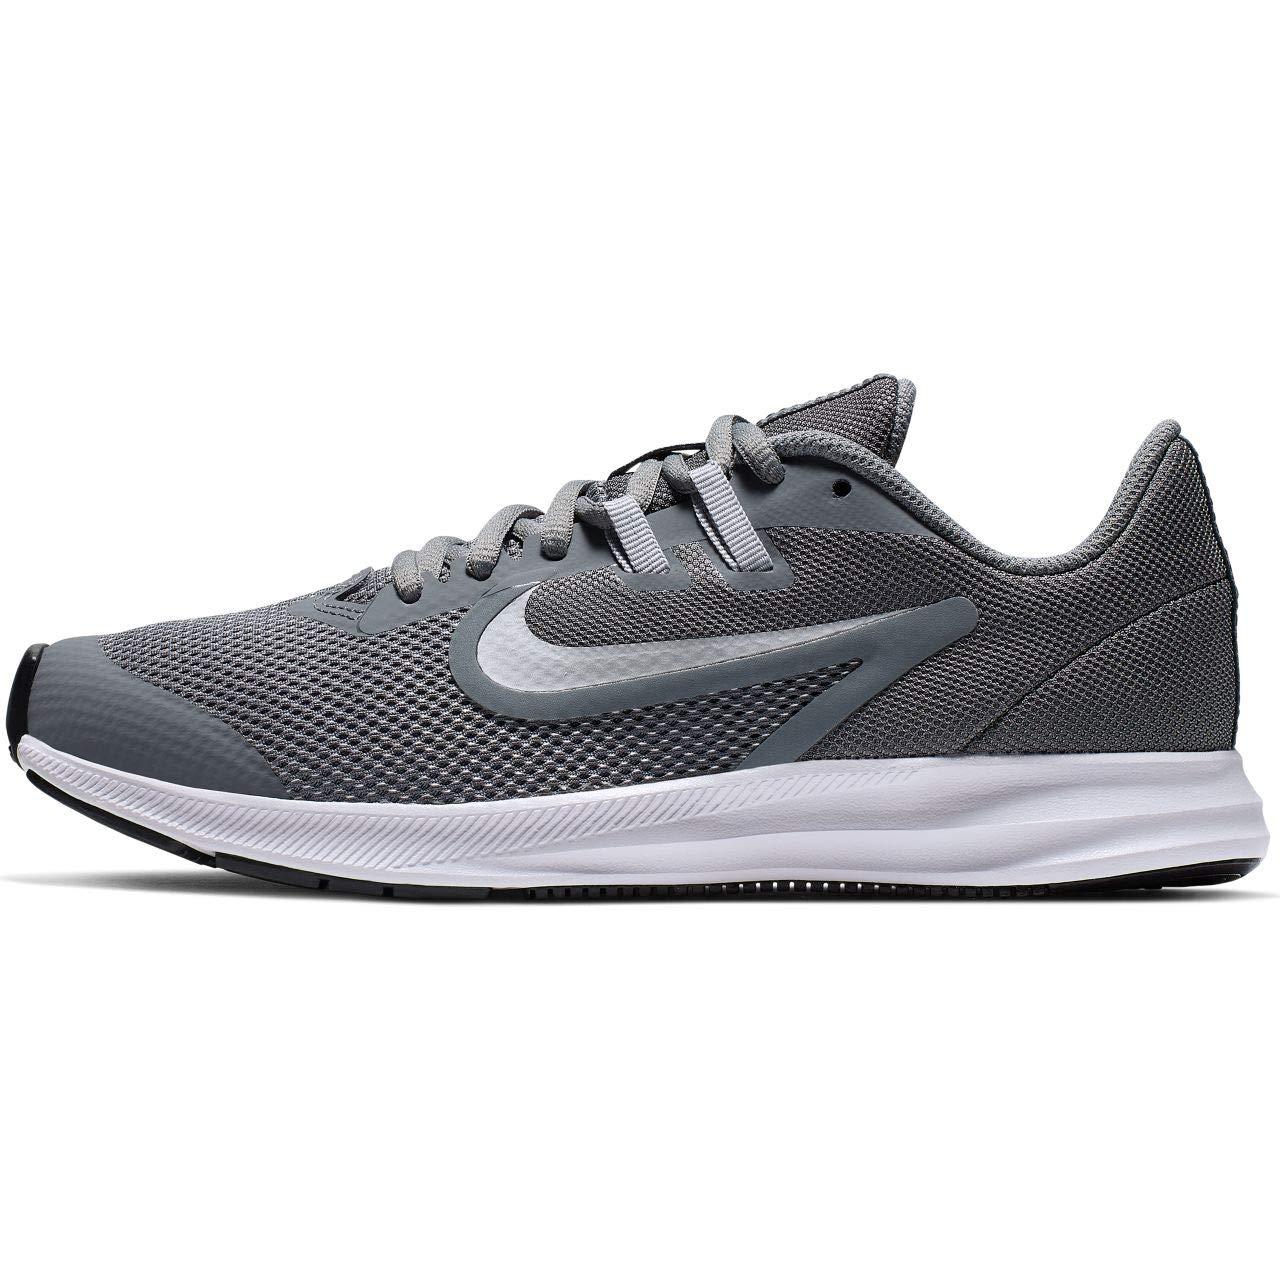 Mehrfarbig (Cool grau Metallic Silber Wolf grau 000) Nike Unisex-Kinder Downshifter 9 (Gs) Leichtathletikschuhe, Schwarz EU